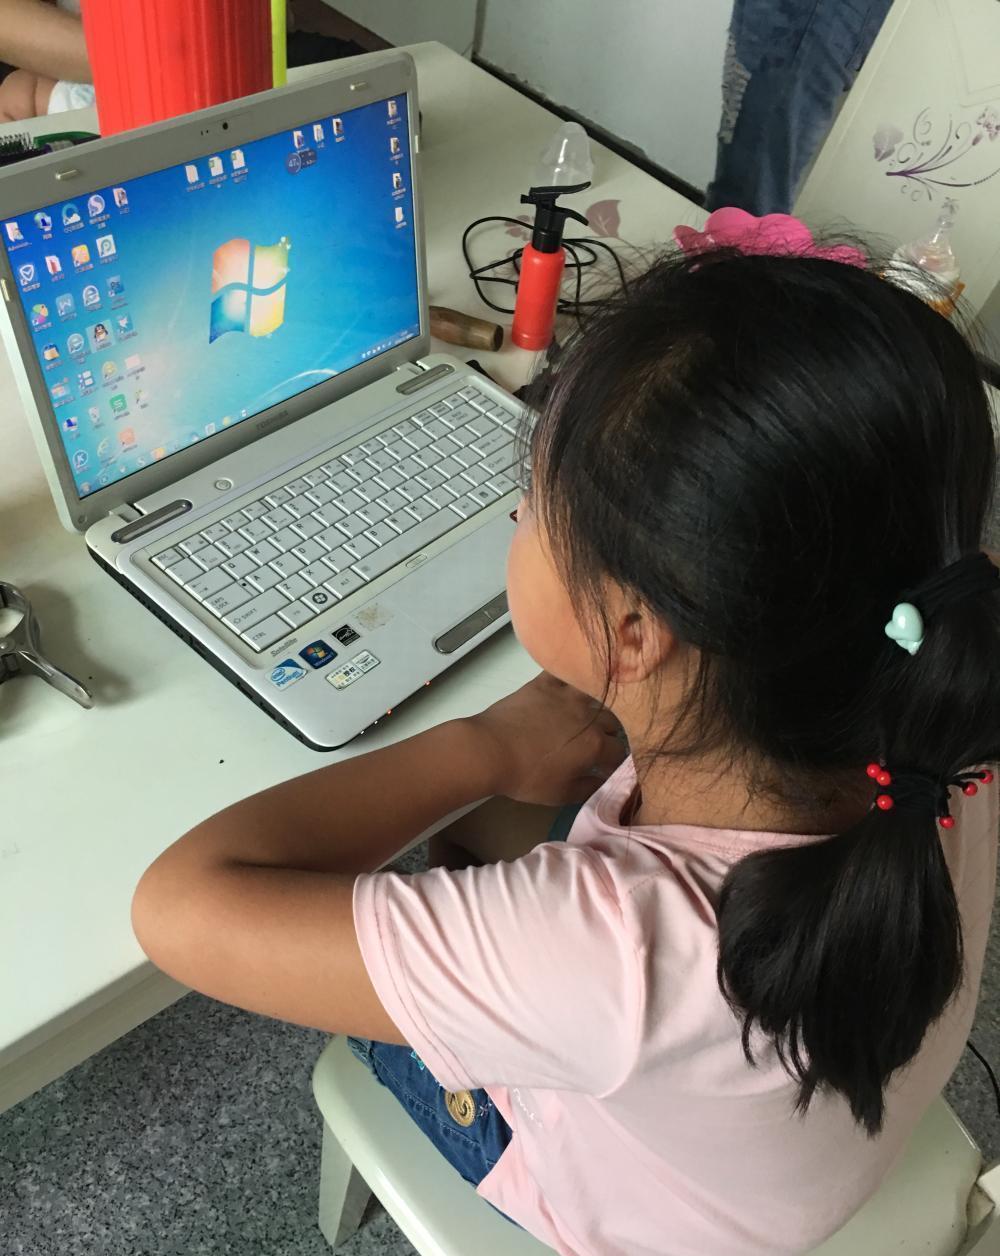 小学生就开始玩电脑你怎么看 你是赞成还是排斥态度呢